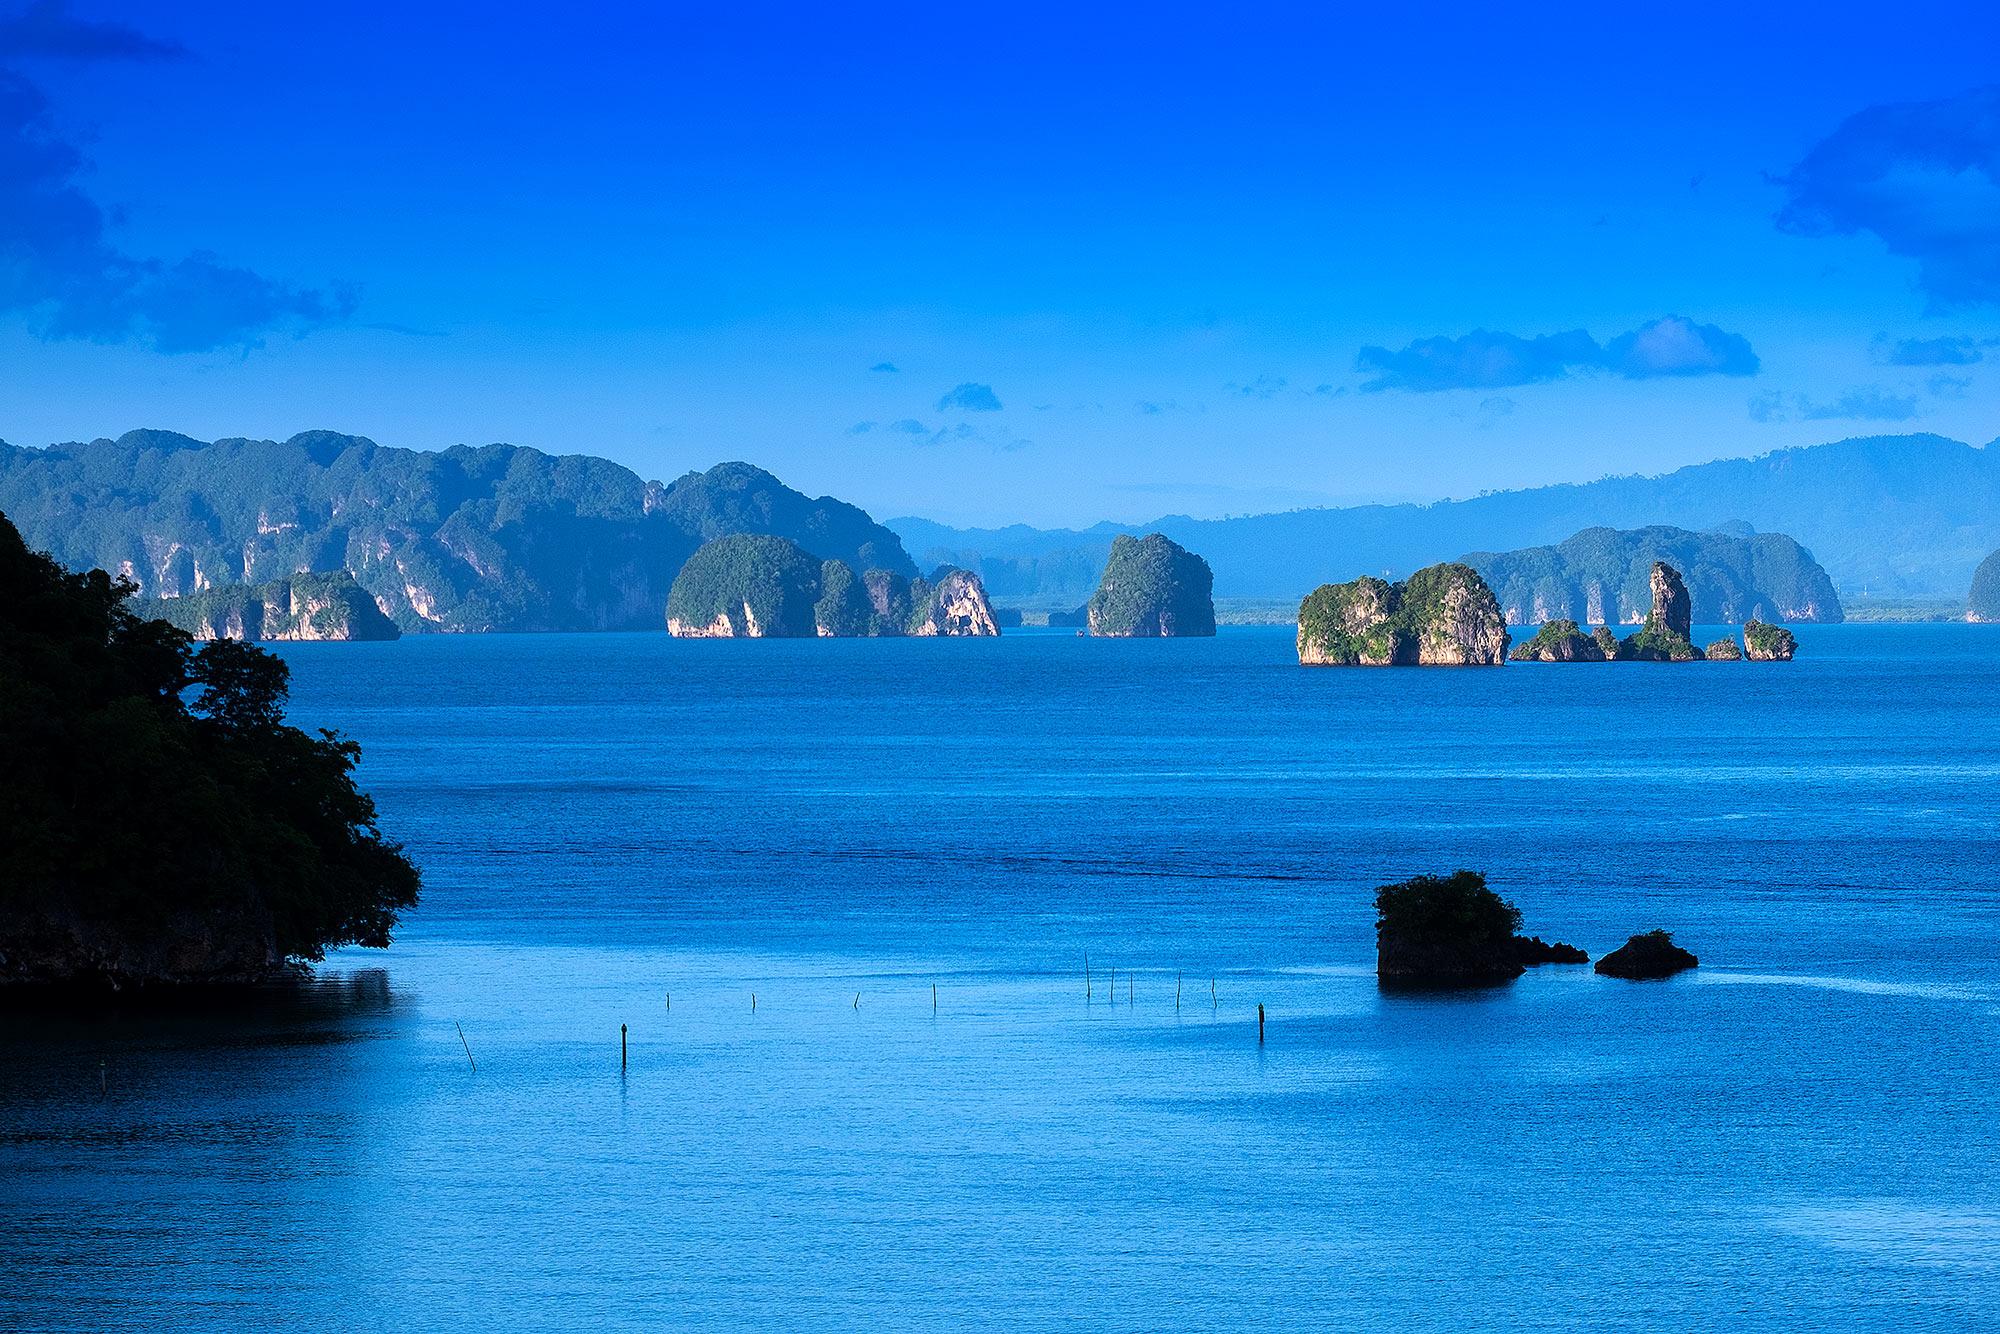 เที่ยวอันดามัน เกาะยาว พังงา ทะเลอันดามัน